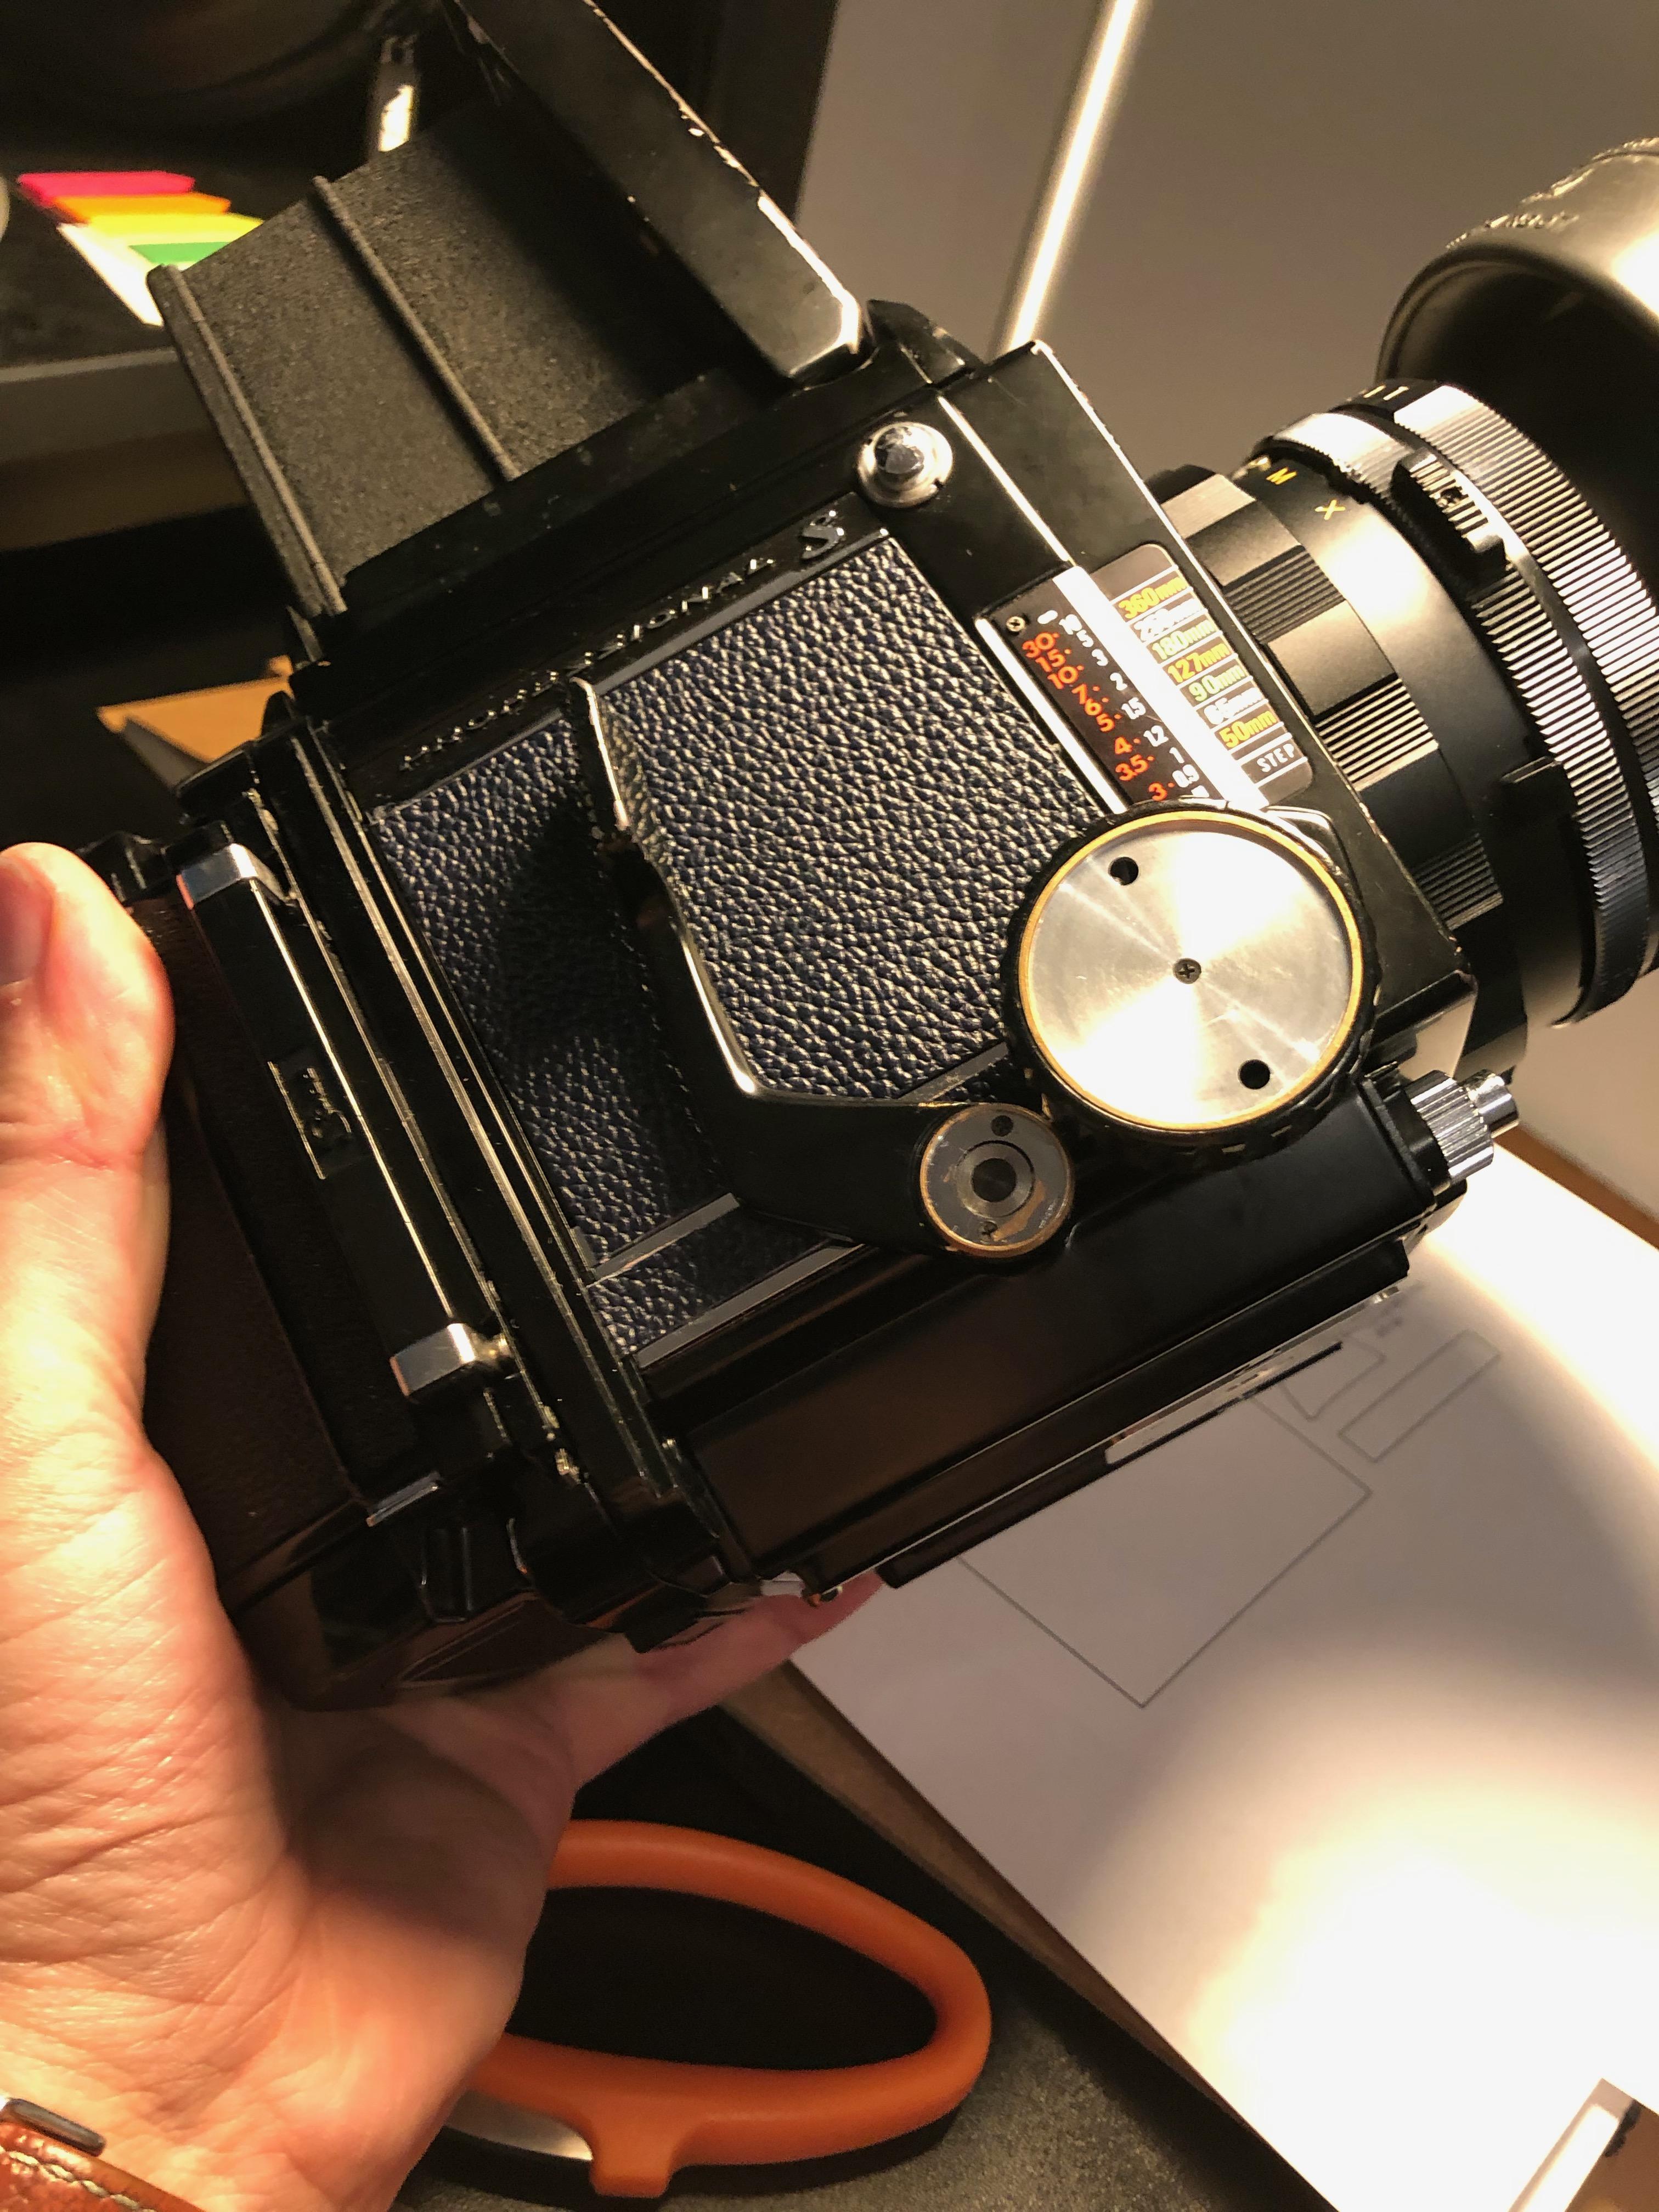 mamiya-rb67-restoration-medium-format-camera-light-seals-leather-214